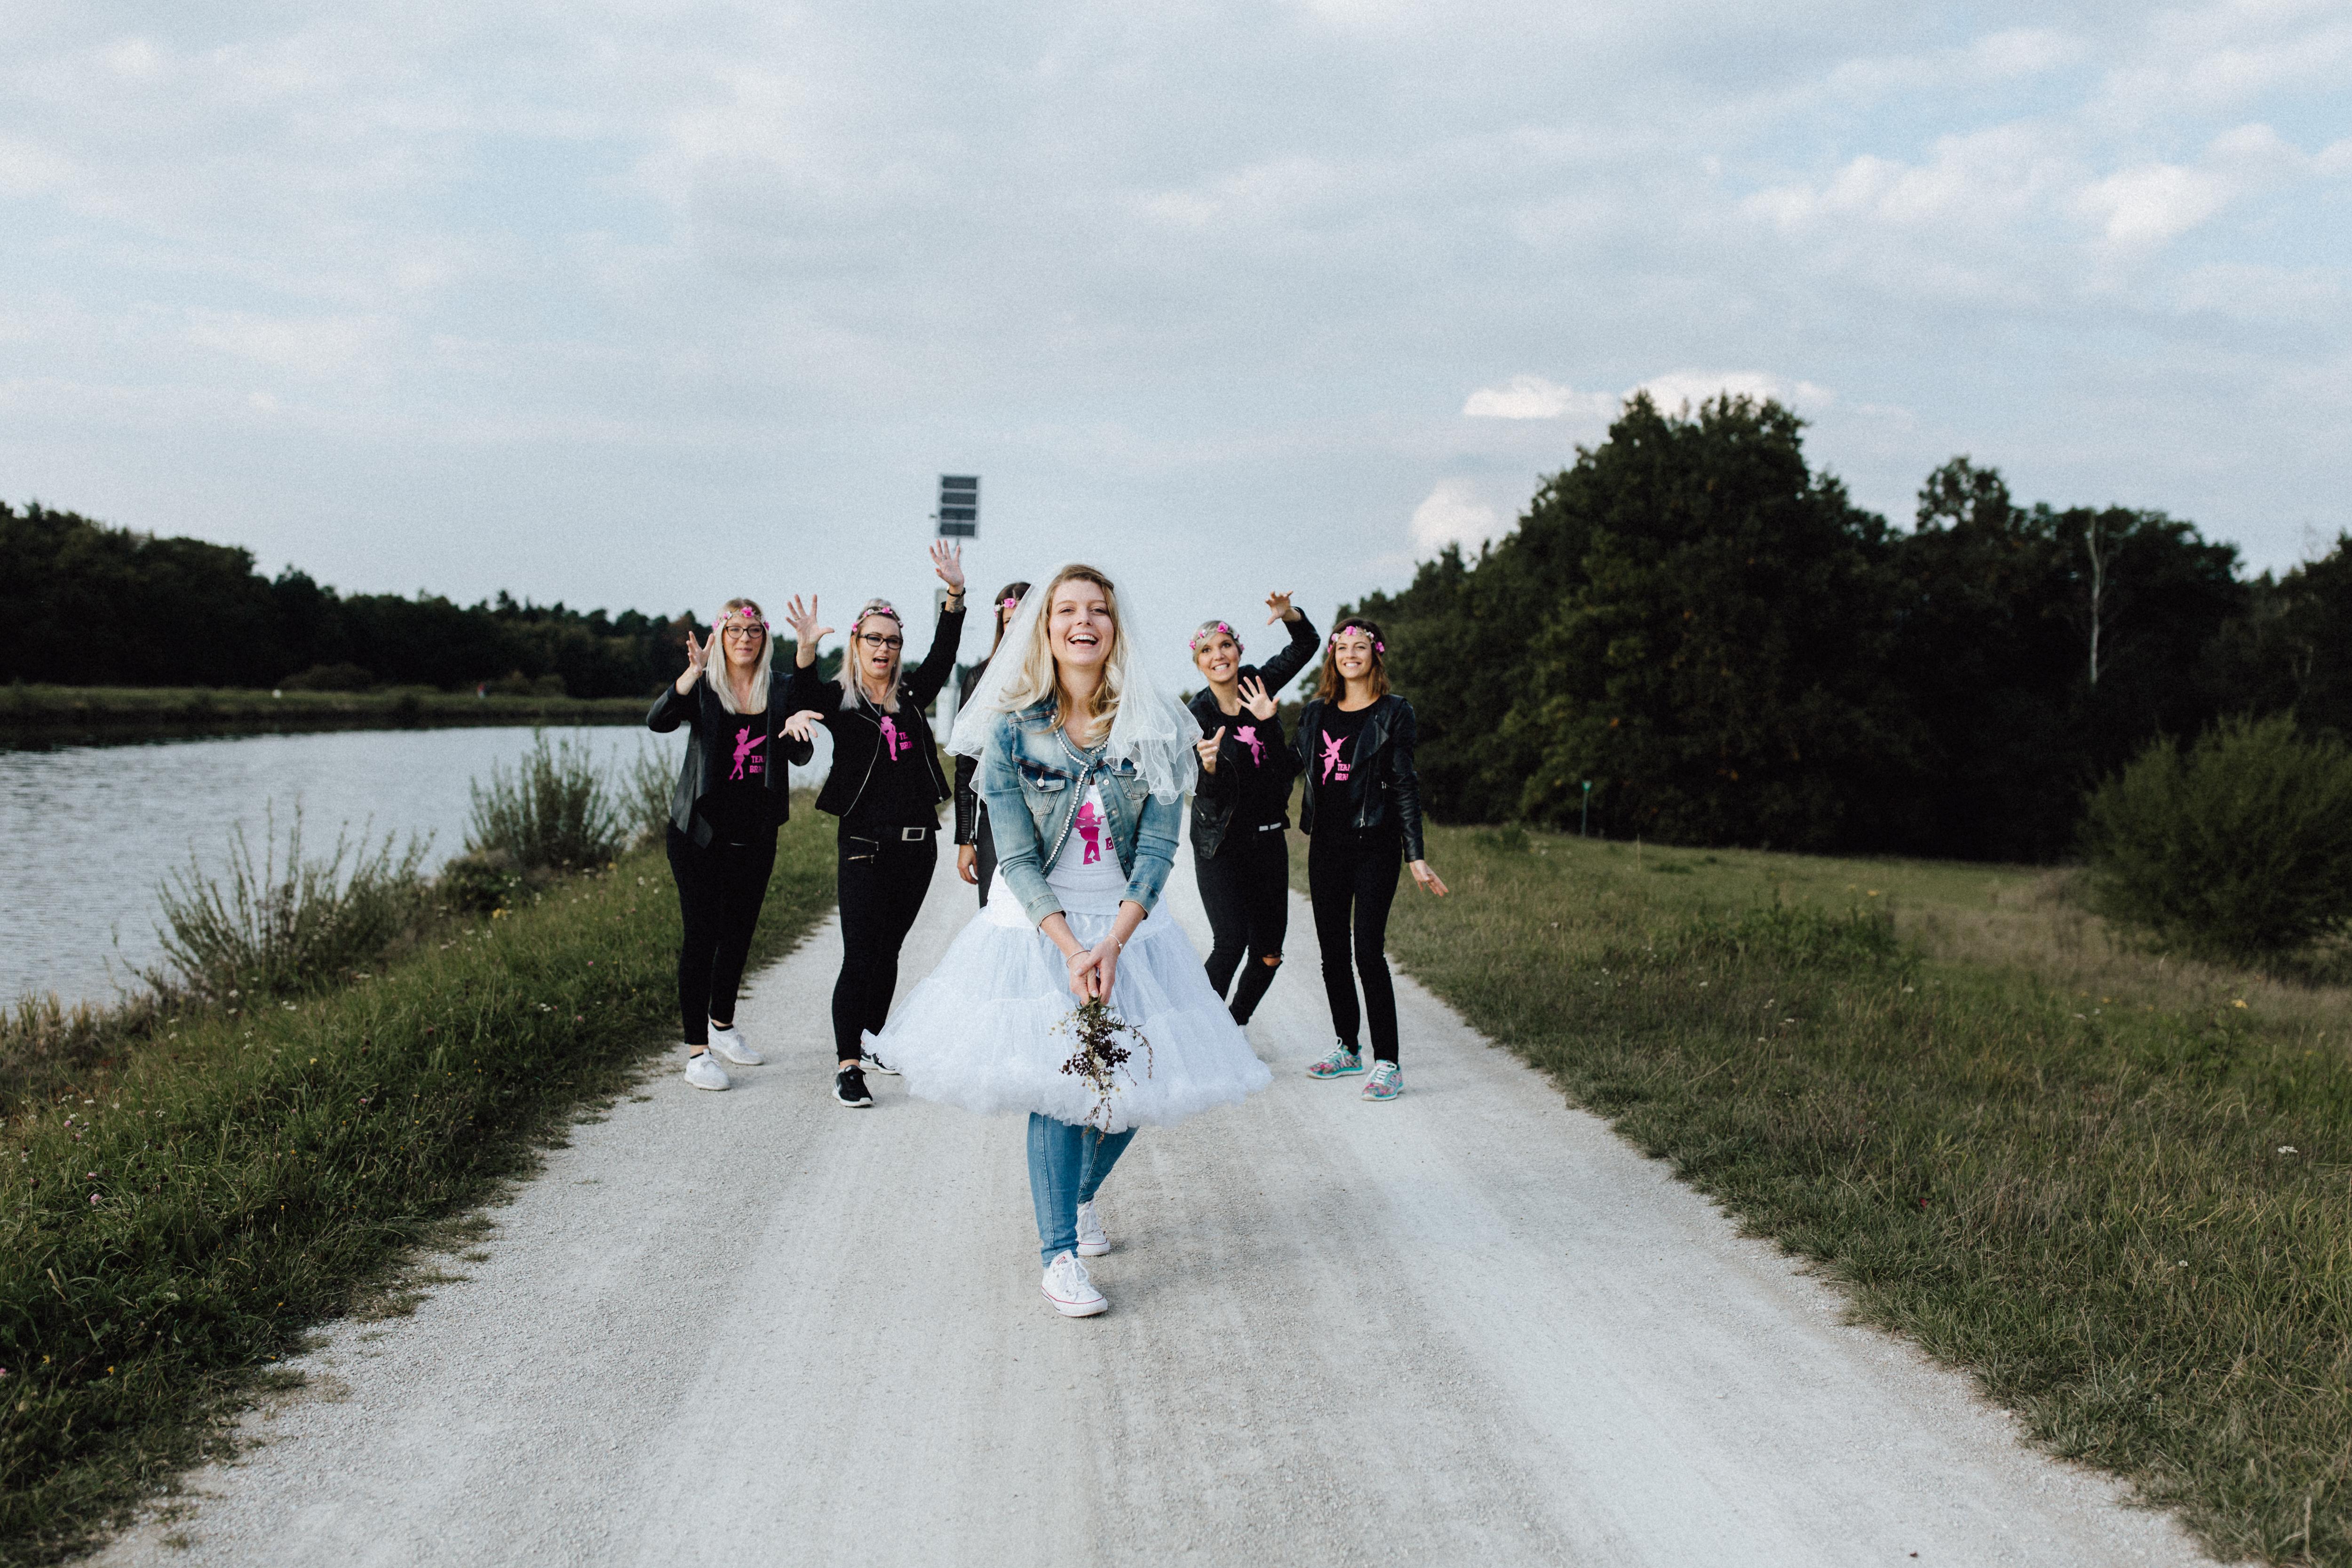 URBANERIE_Daniela_Goth_Hochzeitsfotografin_Nürnberg_Fürth_Erlangen_Schwabach_170923_0080